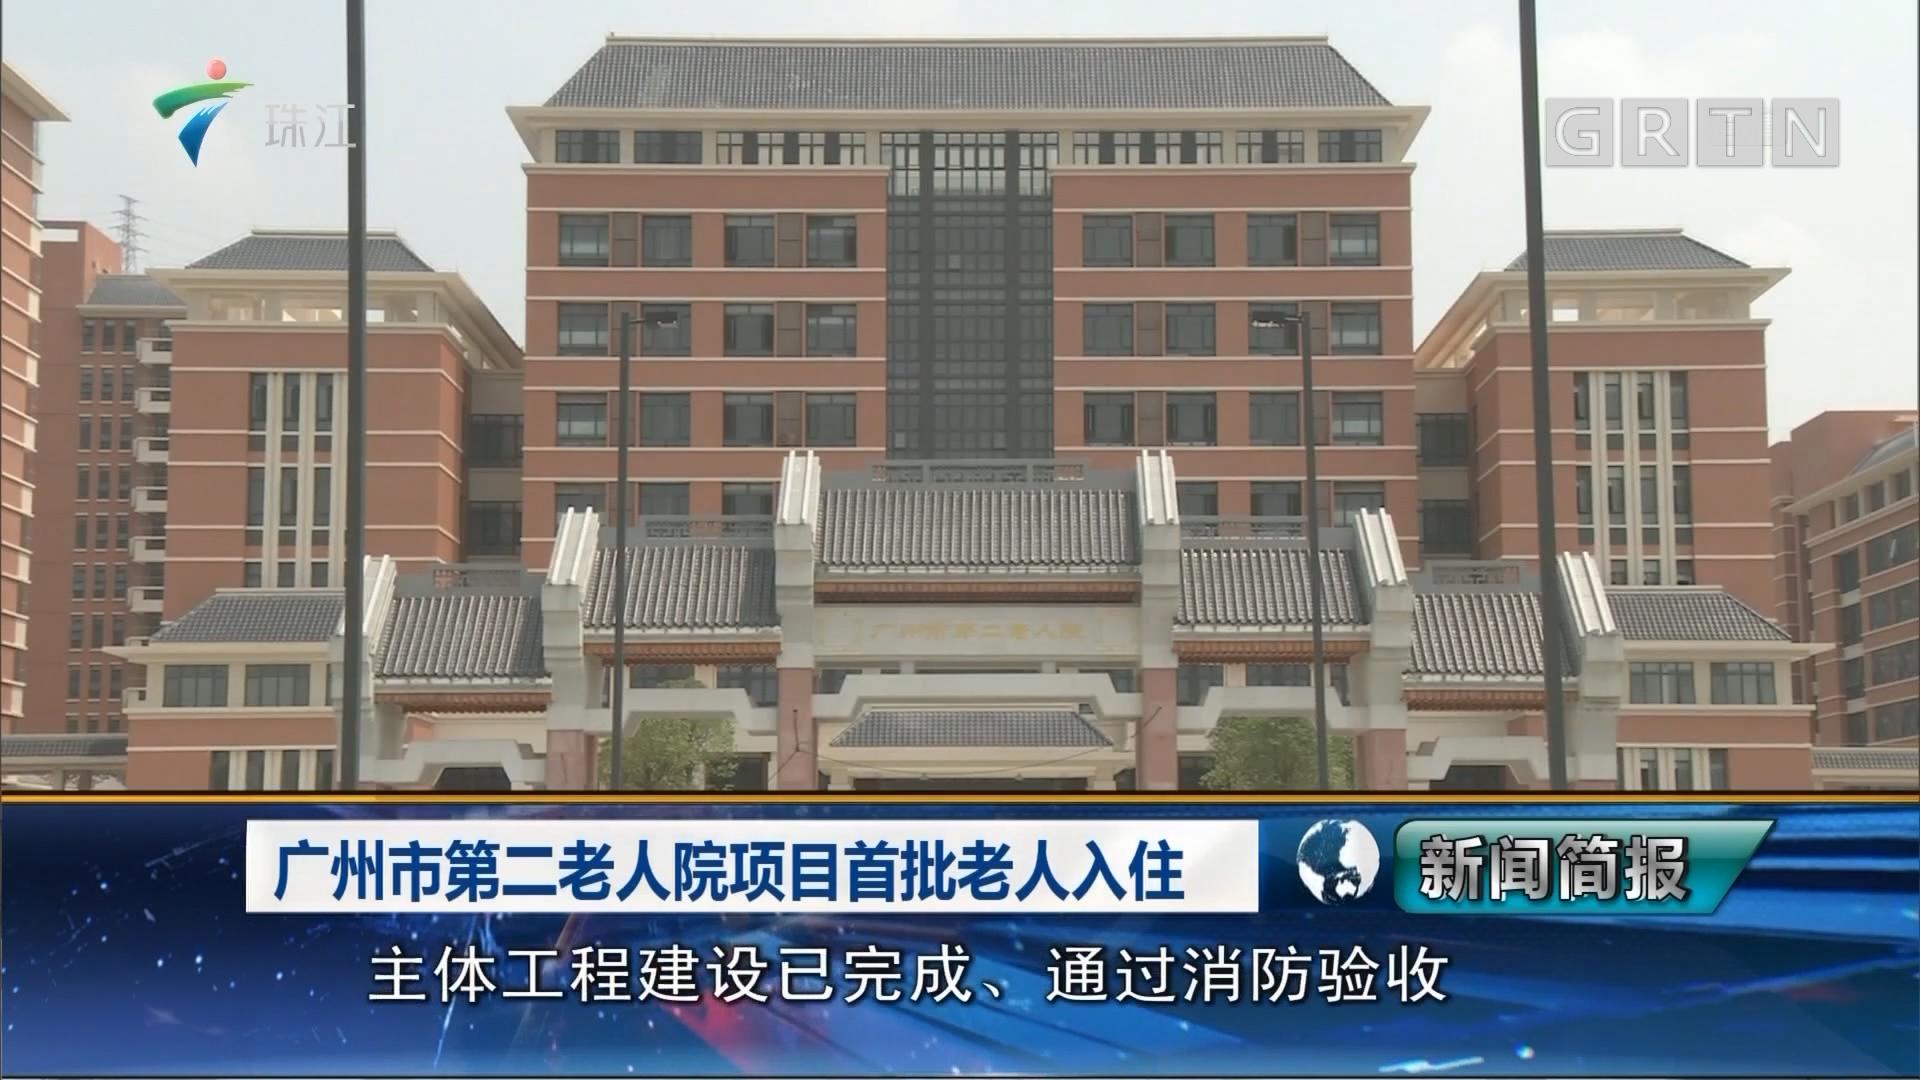 广州市第二老人院项目首批老人入住